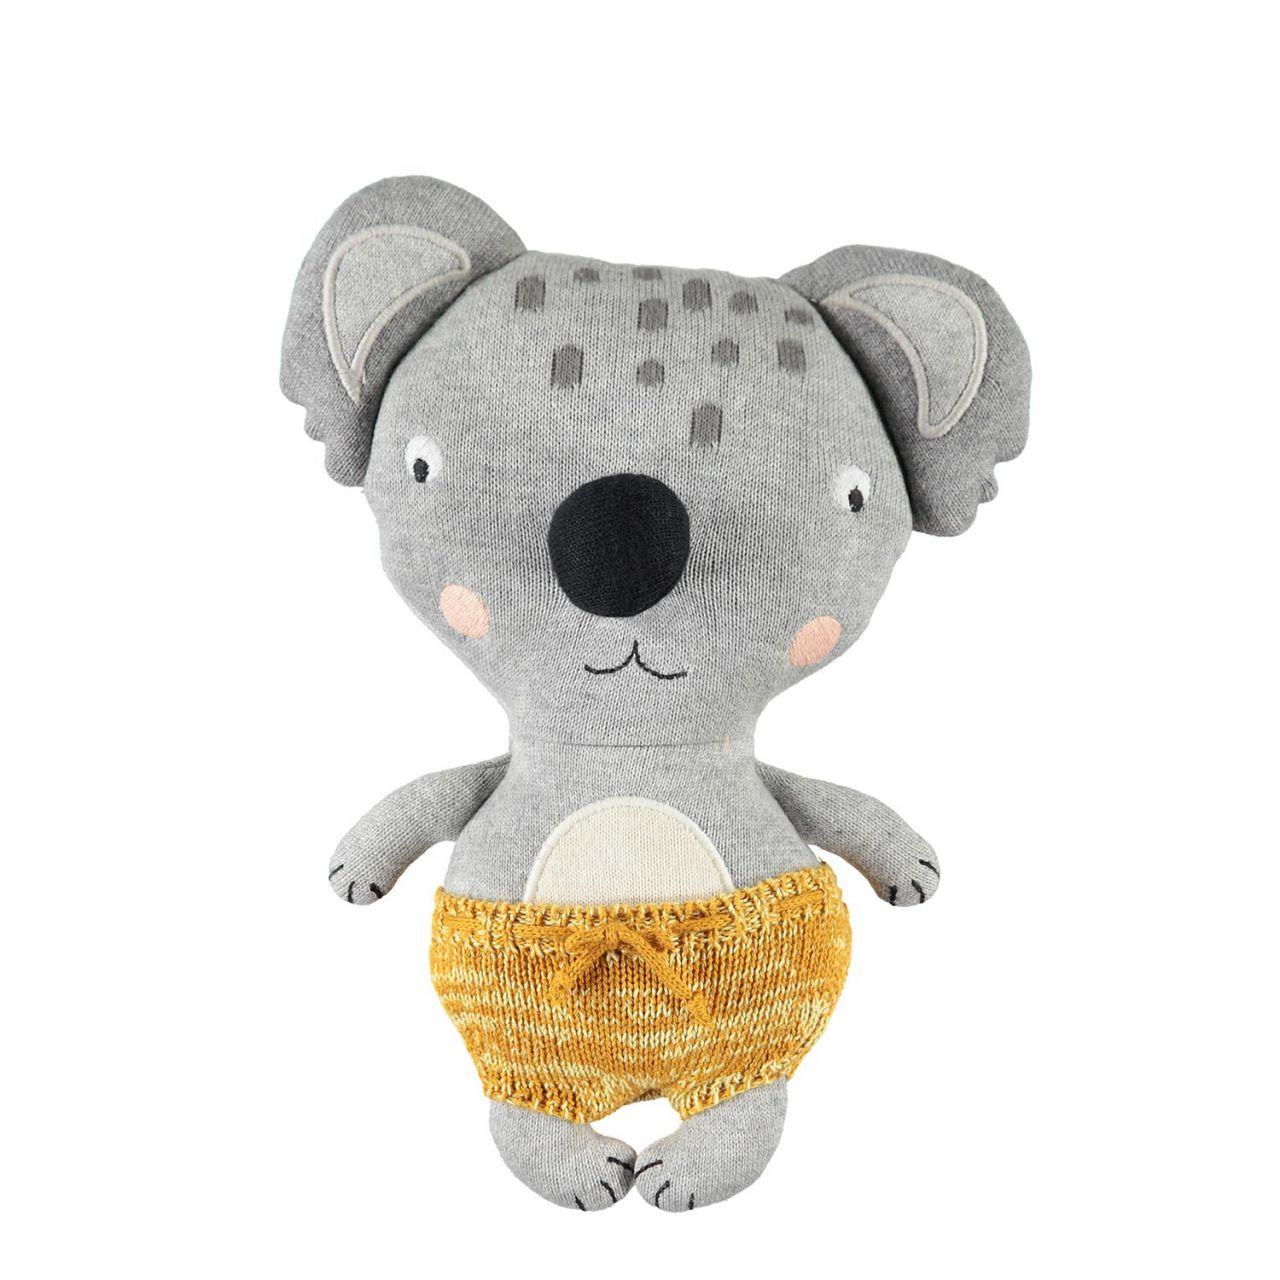 OYOY - Strick-Kuscheltier Koala 1100444